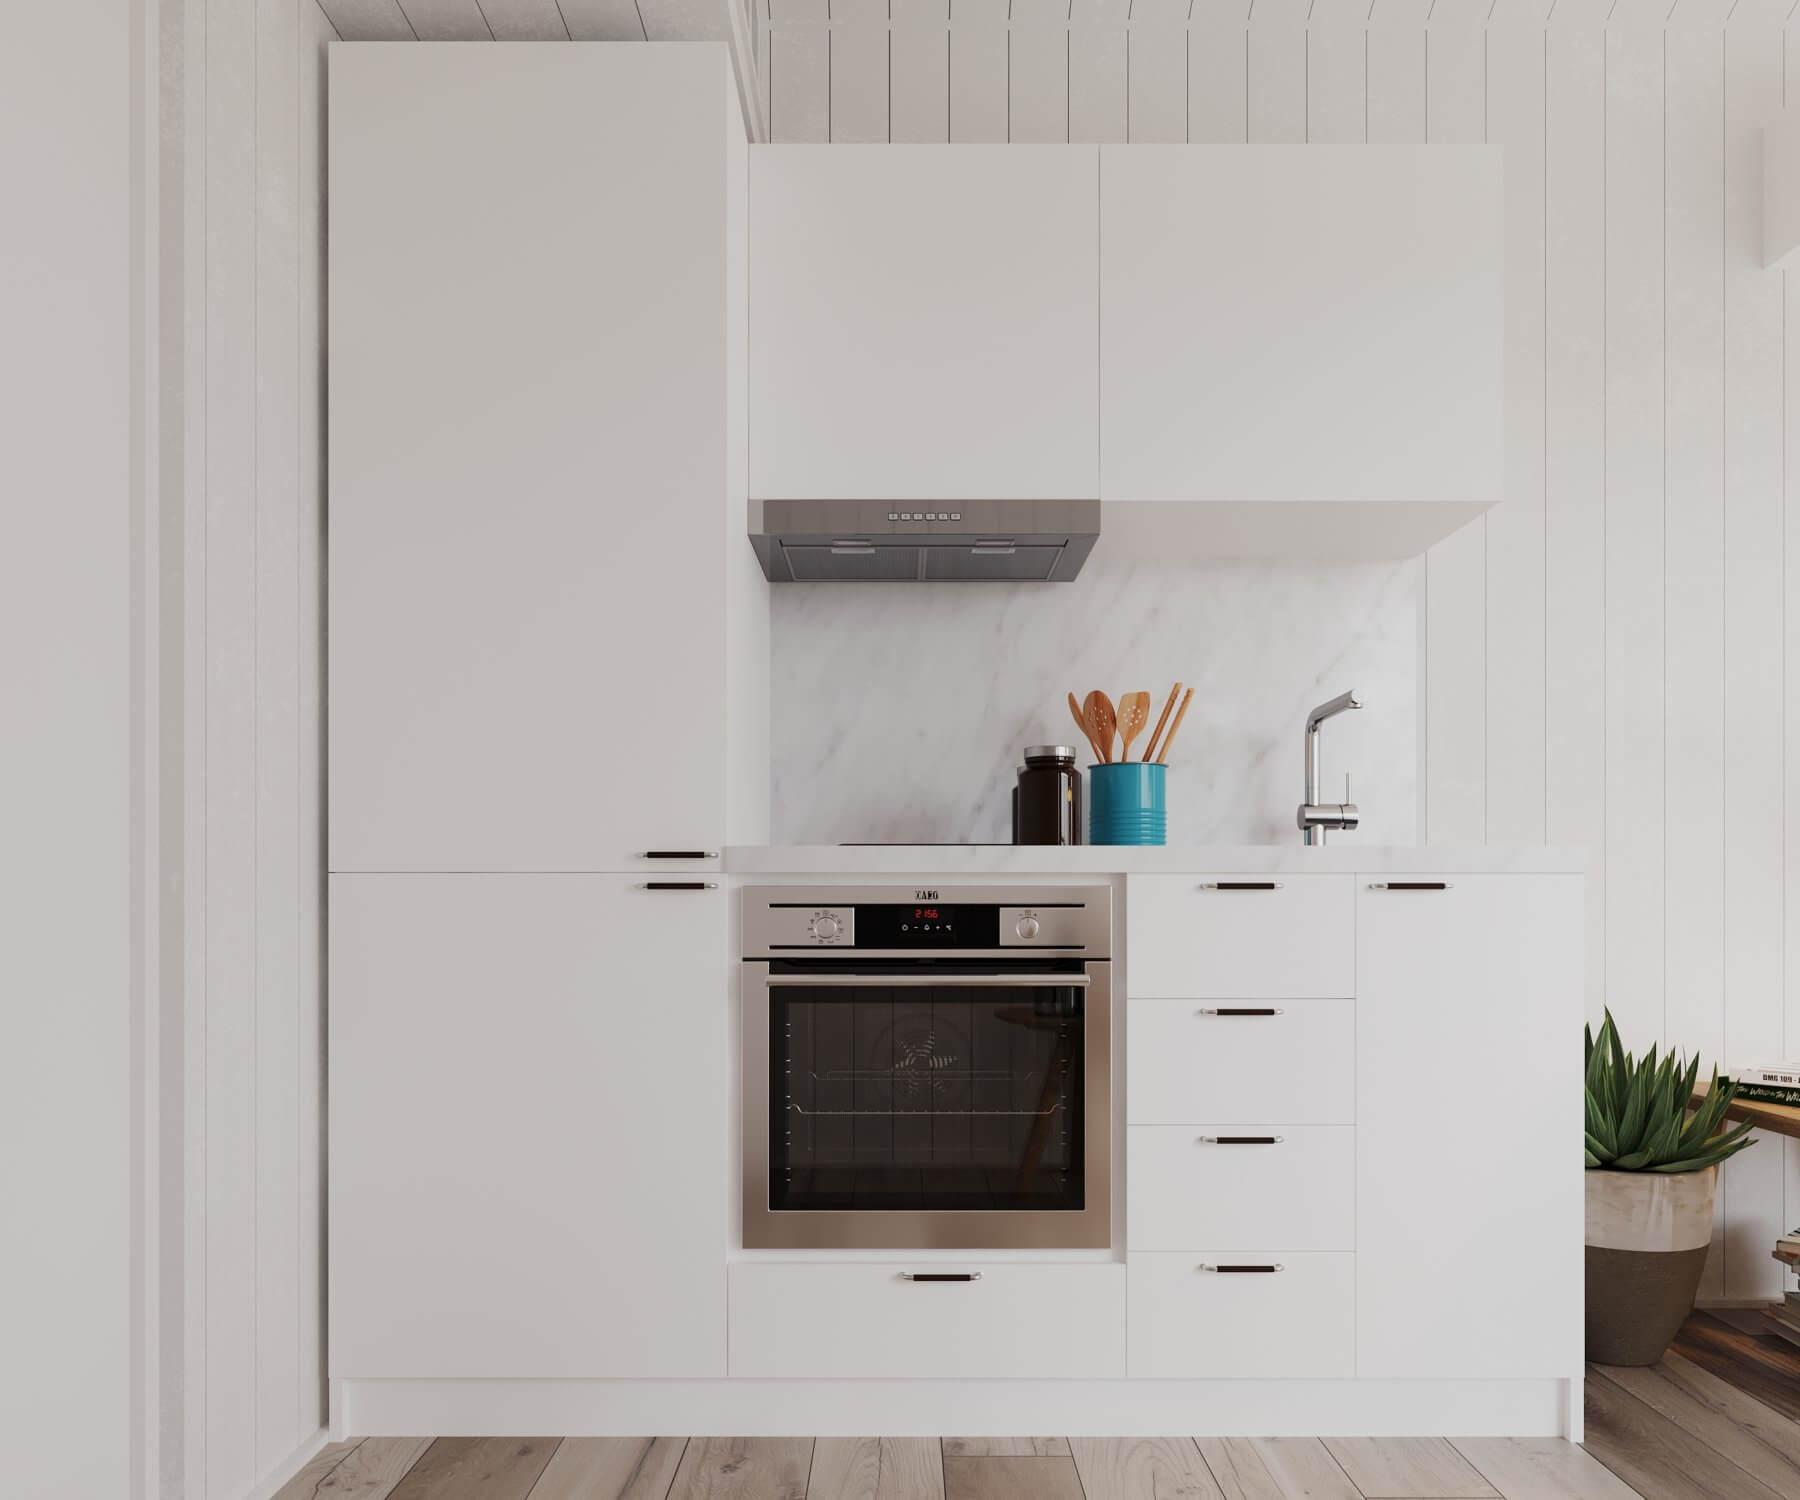 Kök med vita köksluckor, ugn och blandare i attefallshus med mansardtak